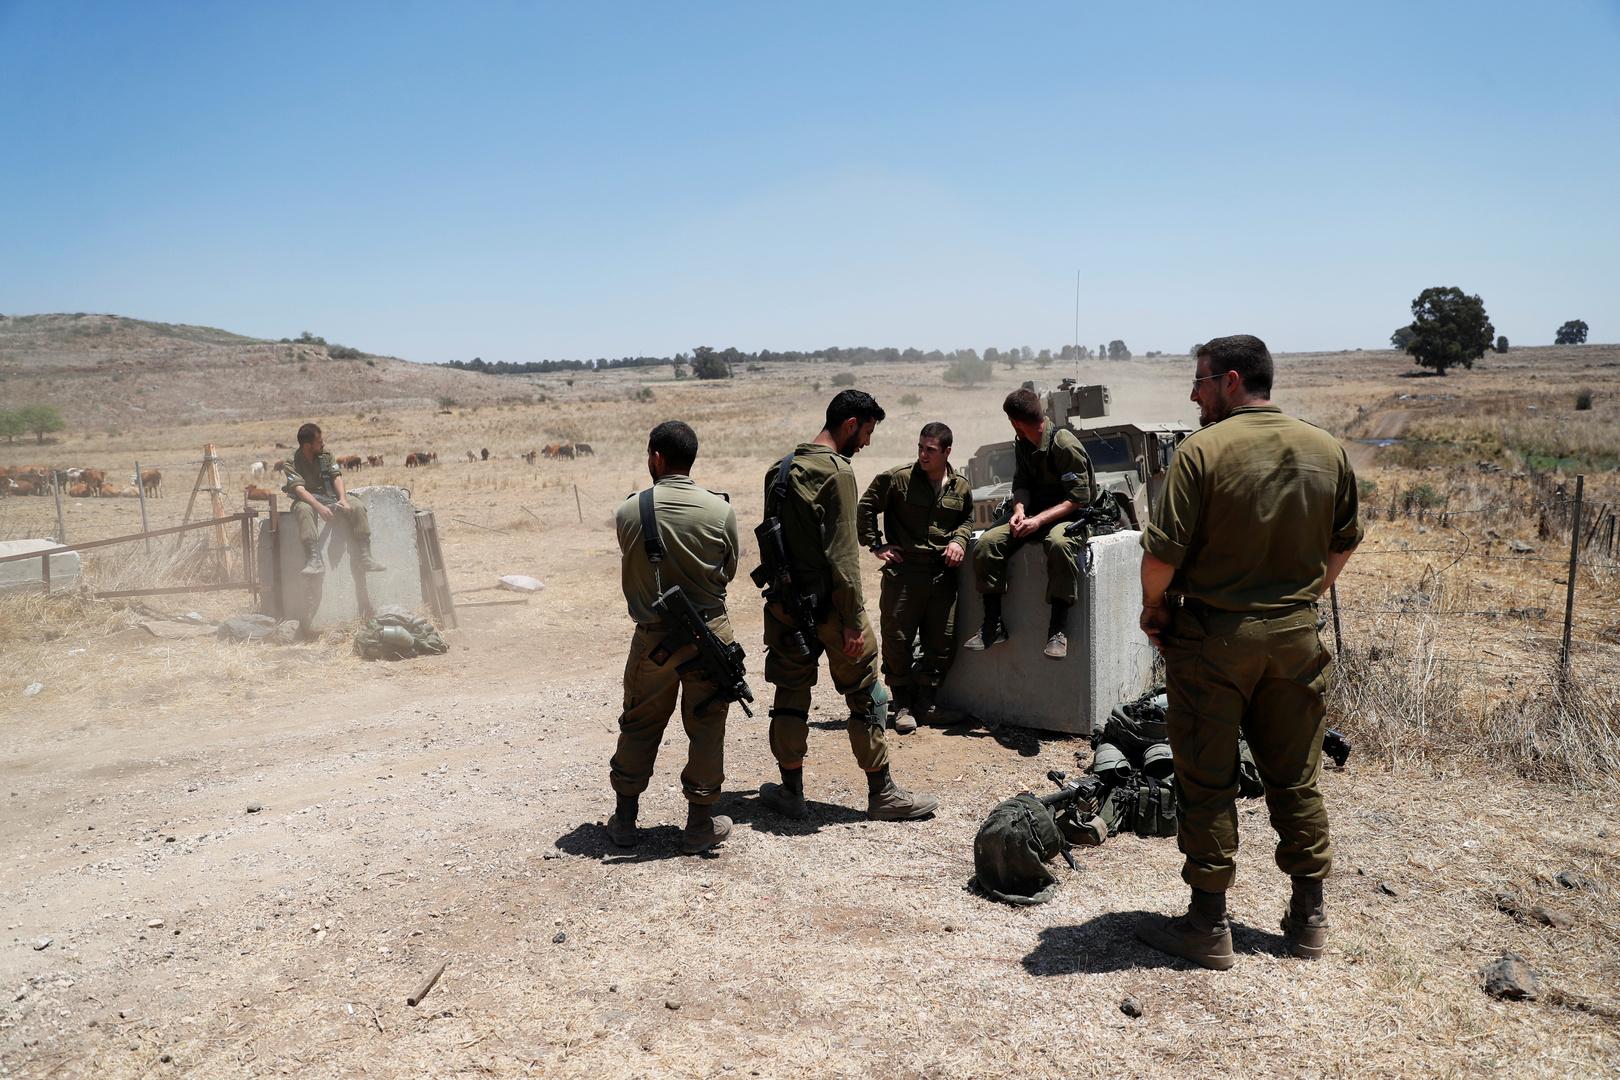 لبنان يتهم الجيش الإسرائيلي بسرقة قطيع ماعز